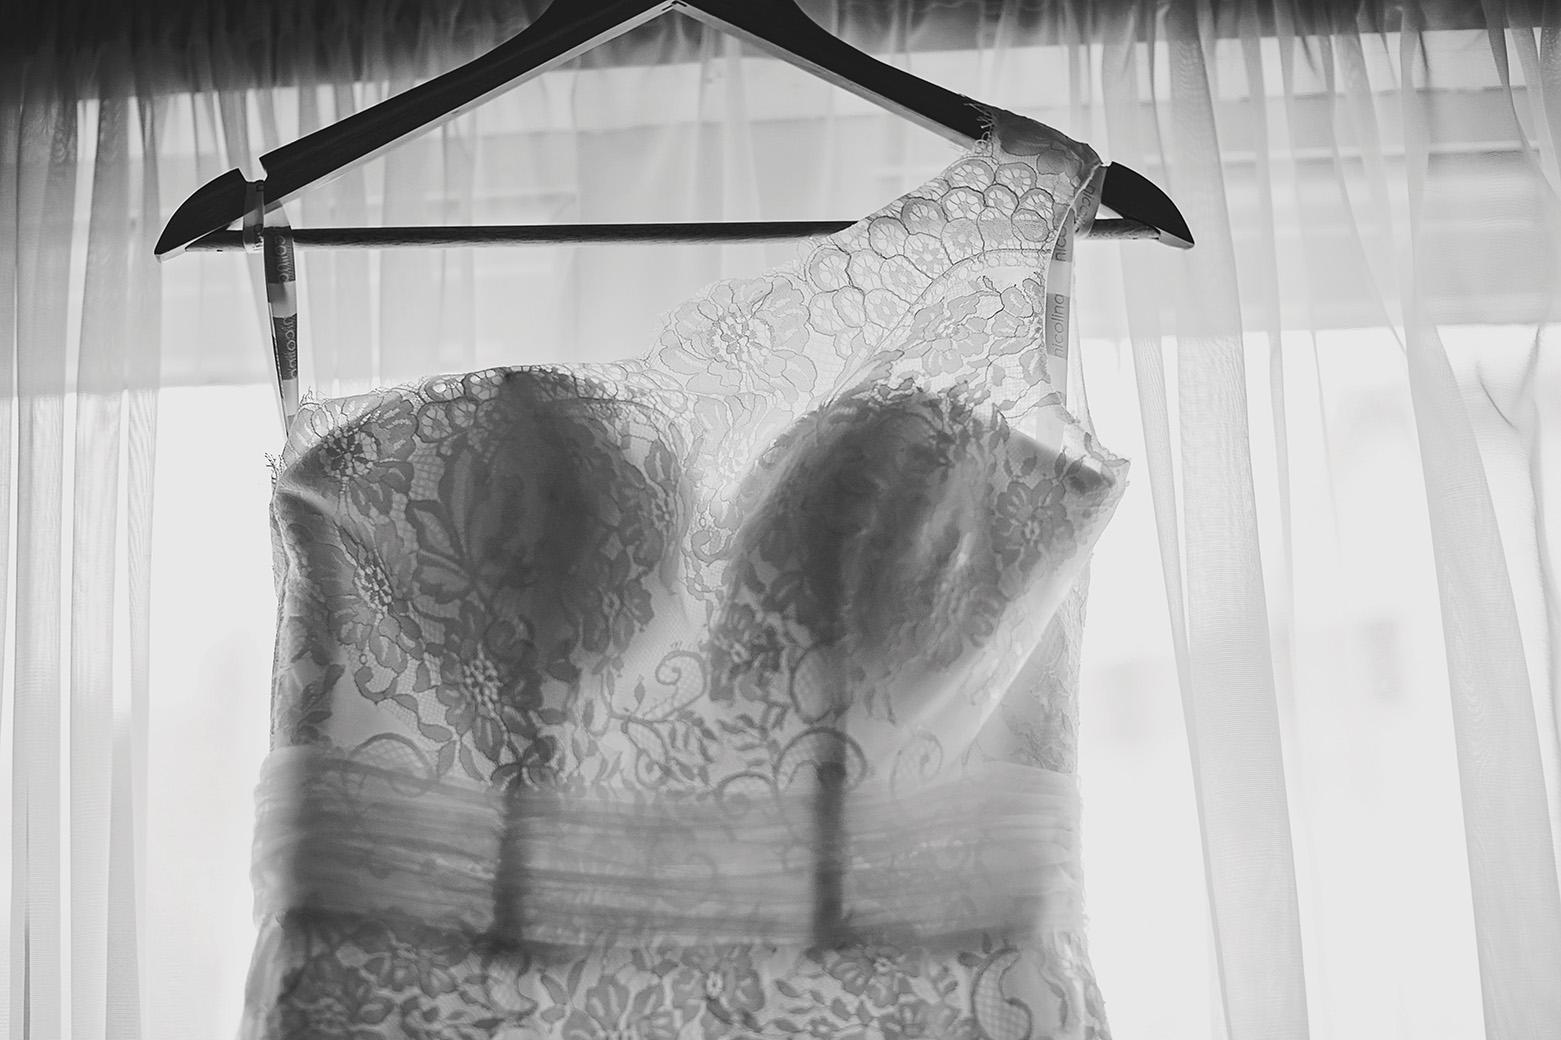 Winter Wedding Sunnybrae 04.jpg